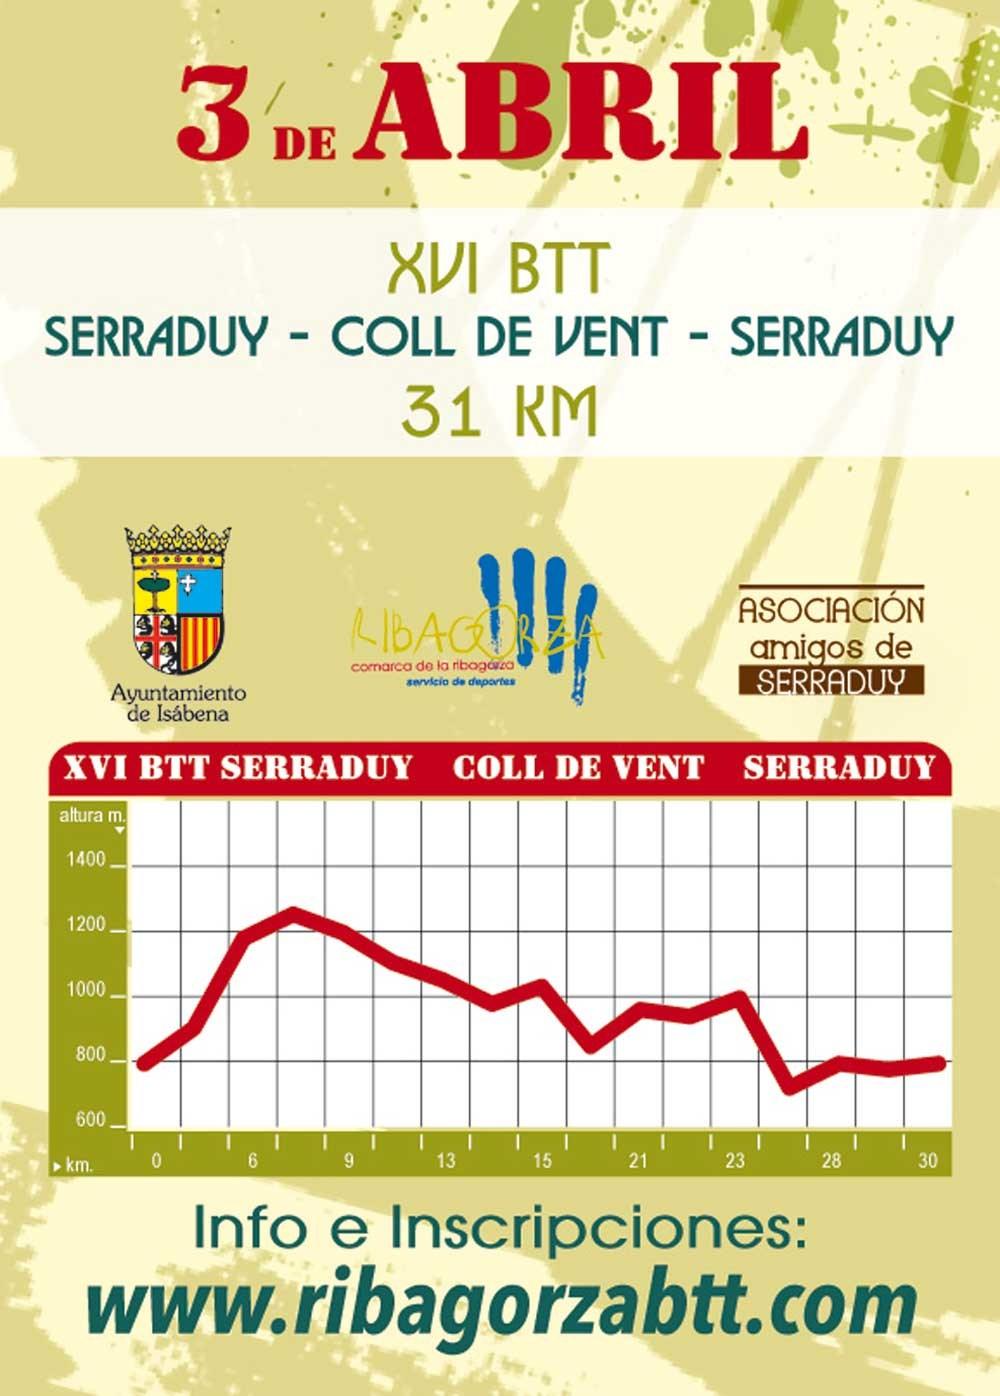 XVI BTT SERRADUY - COLL DE VENT -  SERRADUY - Register